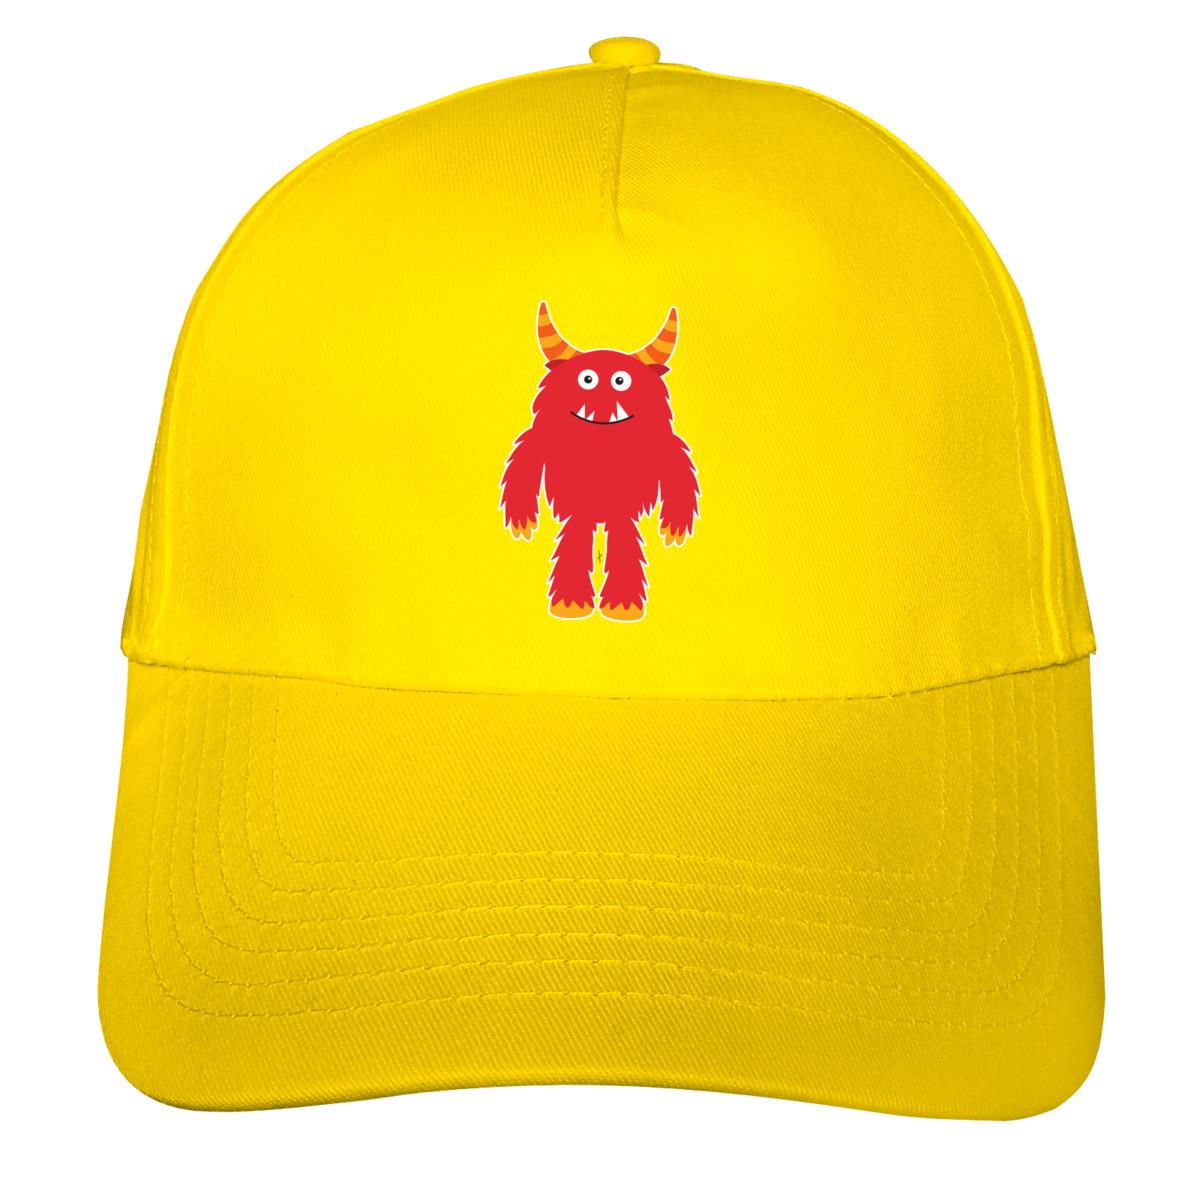 gelb/farbiger Aufdruck